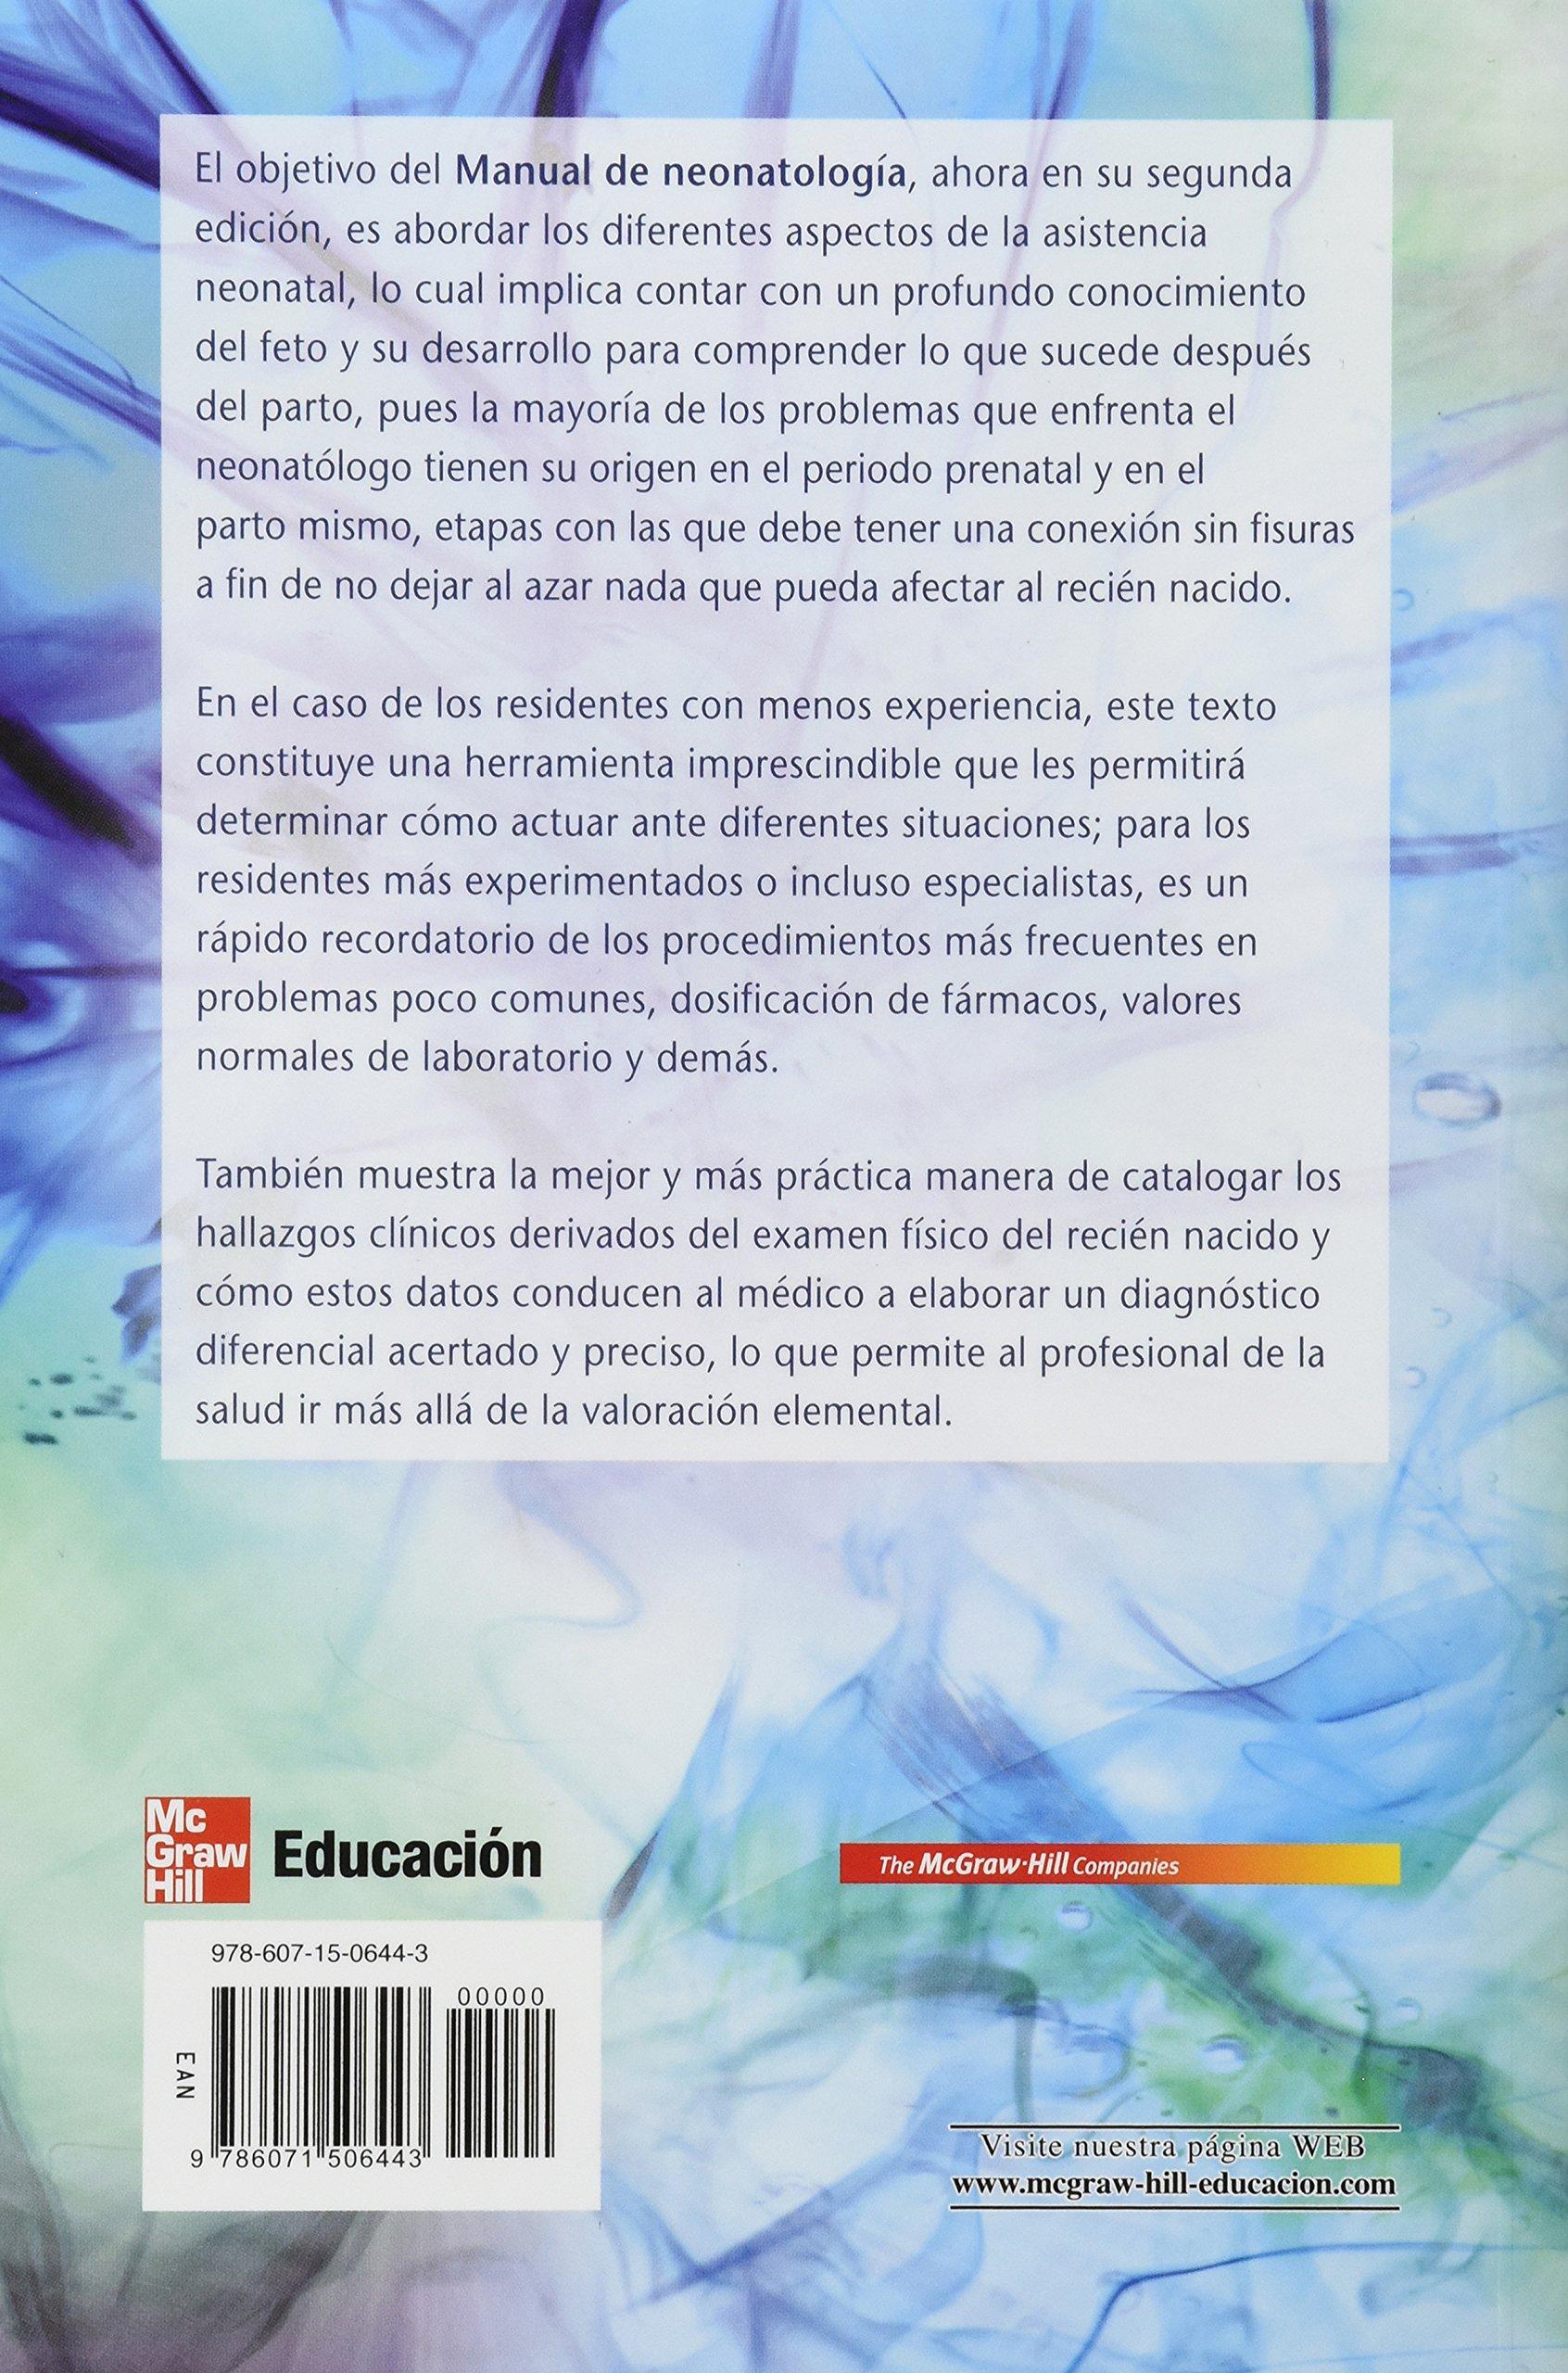 MANUAL DE NEONATOLOGIA: RODRIGUEZ BONITO: 9786071506443: Amazon.com: Books